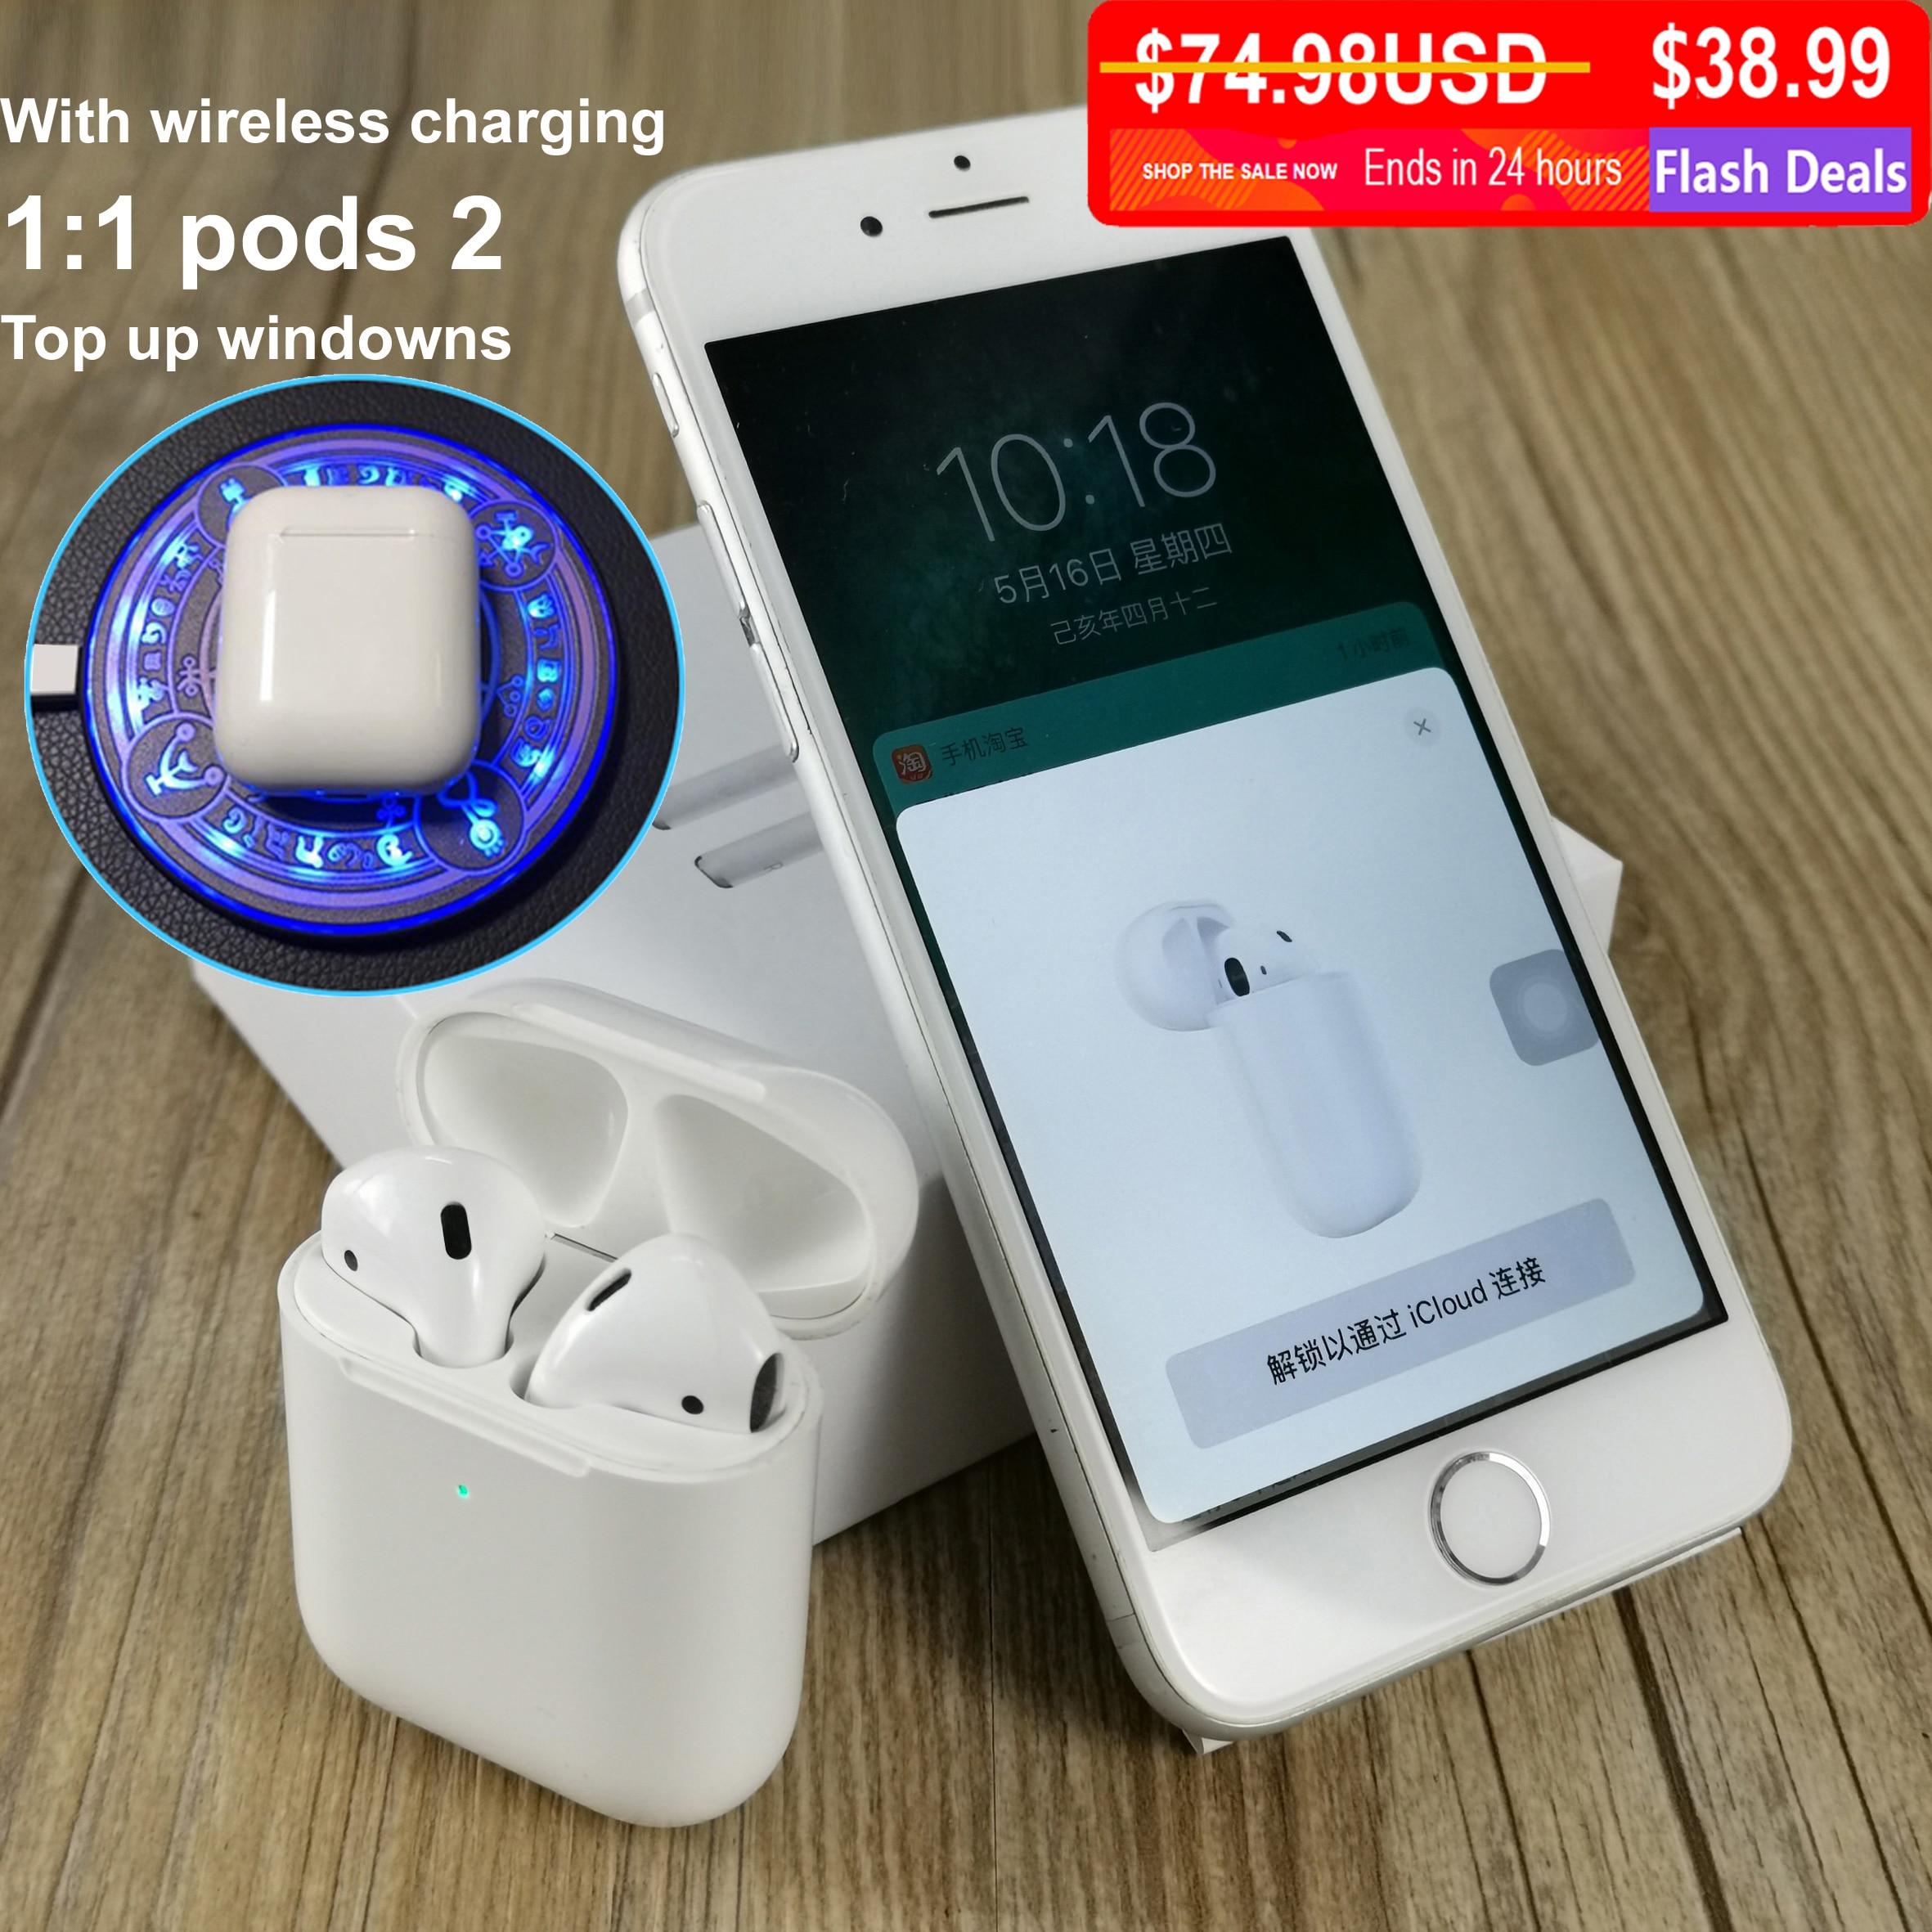 Date i80 air tws Bluetooth écouteurs Pop Up écouteurs sans fil charge casque 1:1 taille écouteurs vs W1 puce Pods 2 tws